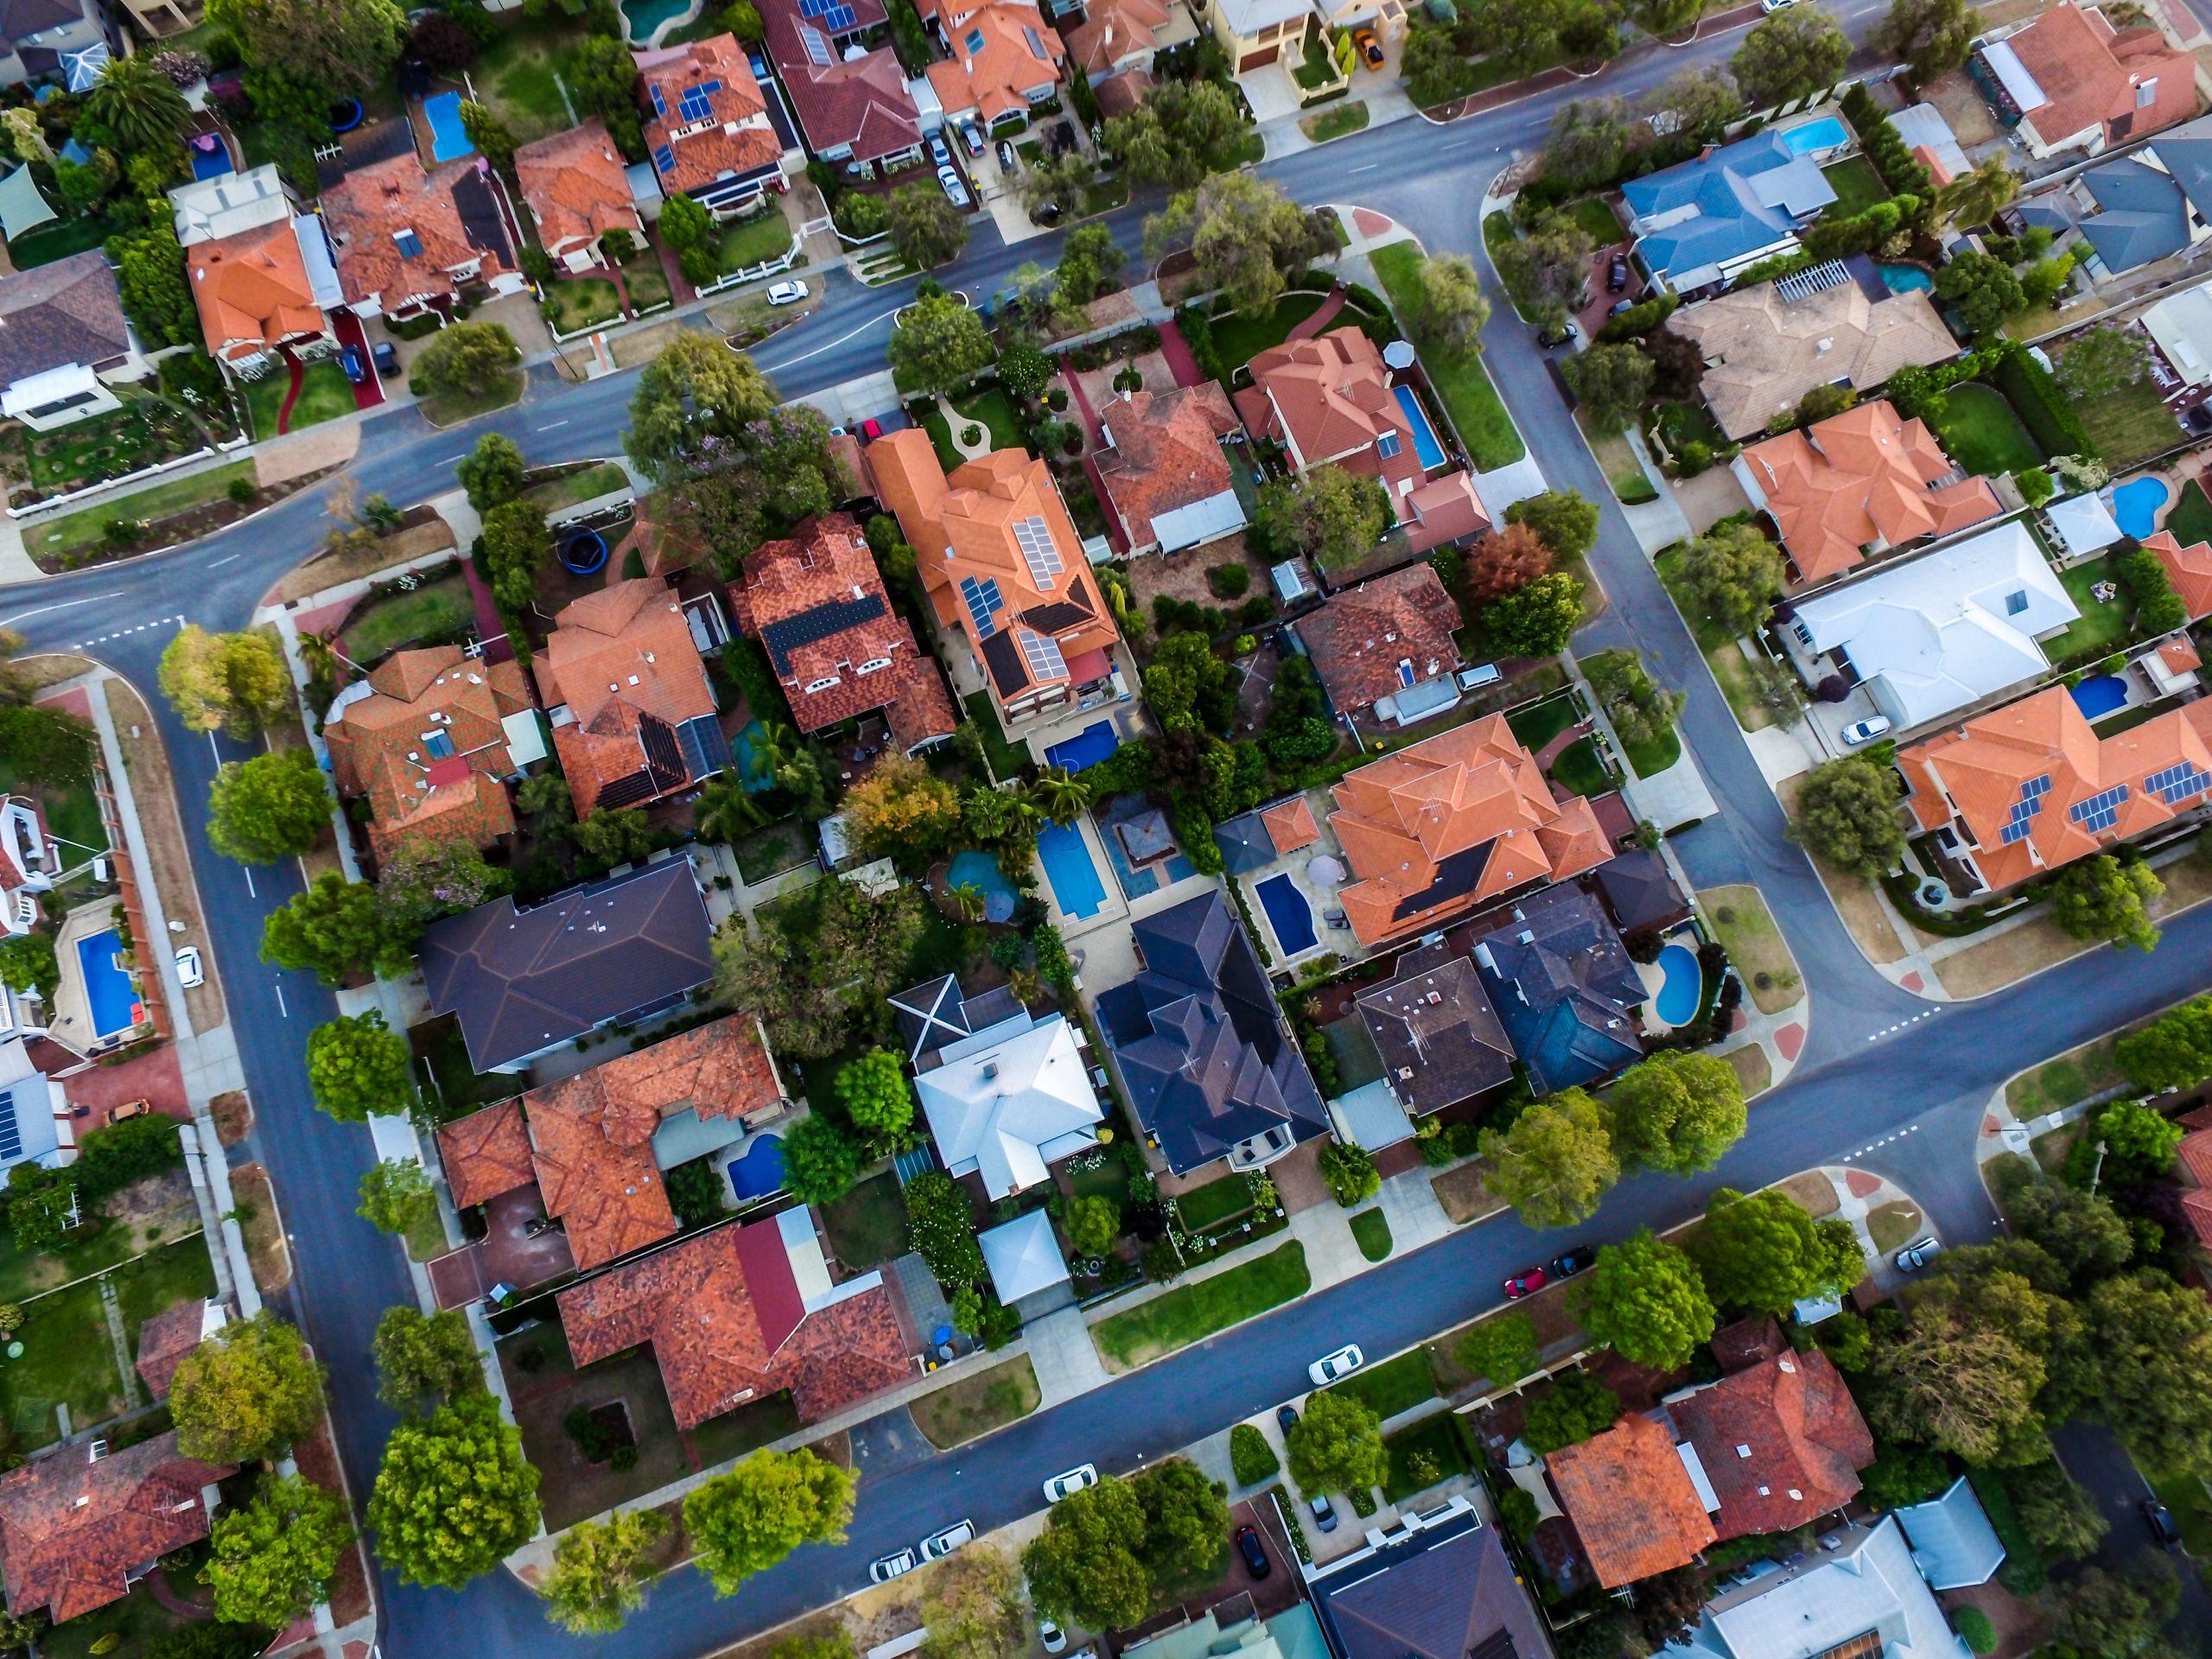 Se villaer og huse til salg i Aalborg